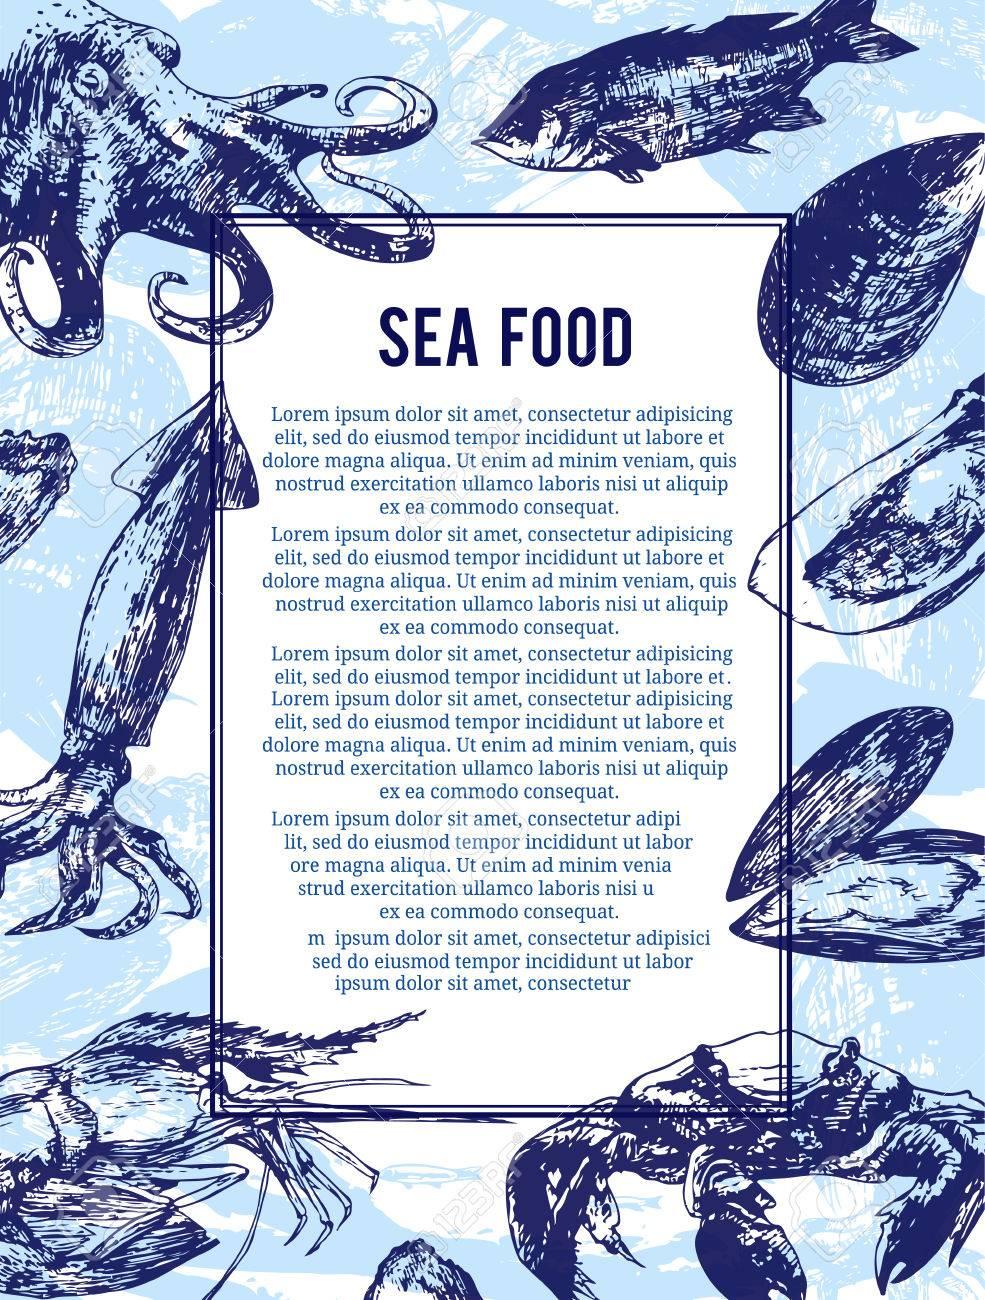 Meeresfrüchte-Banner Oder Flyer. Gut Als Vorlage Für Werbung ...